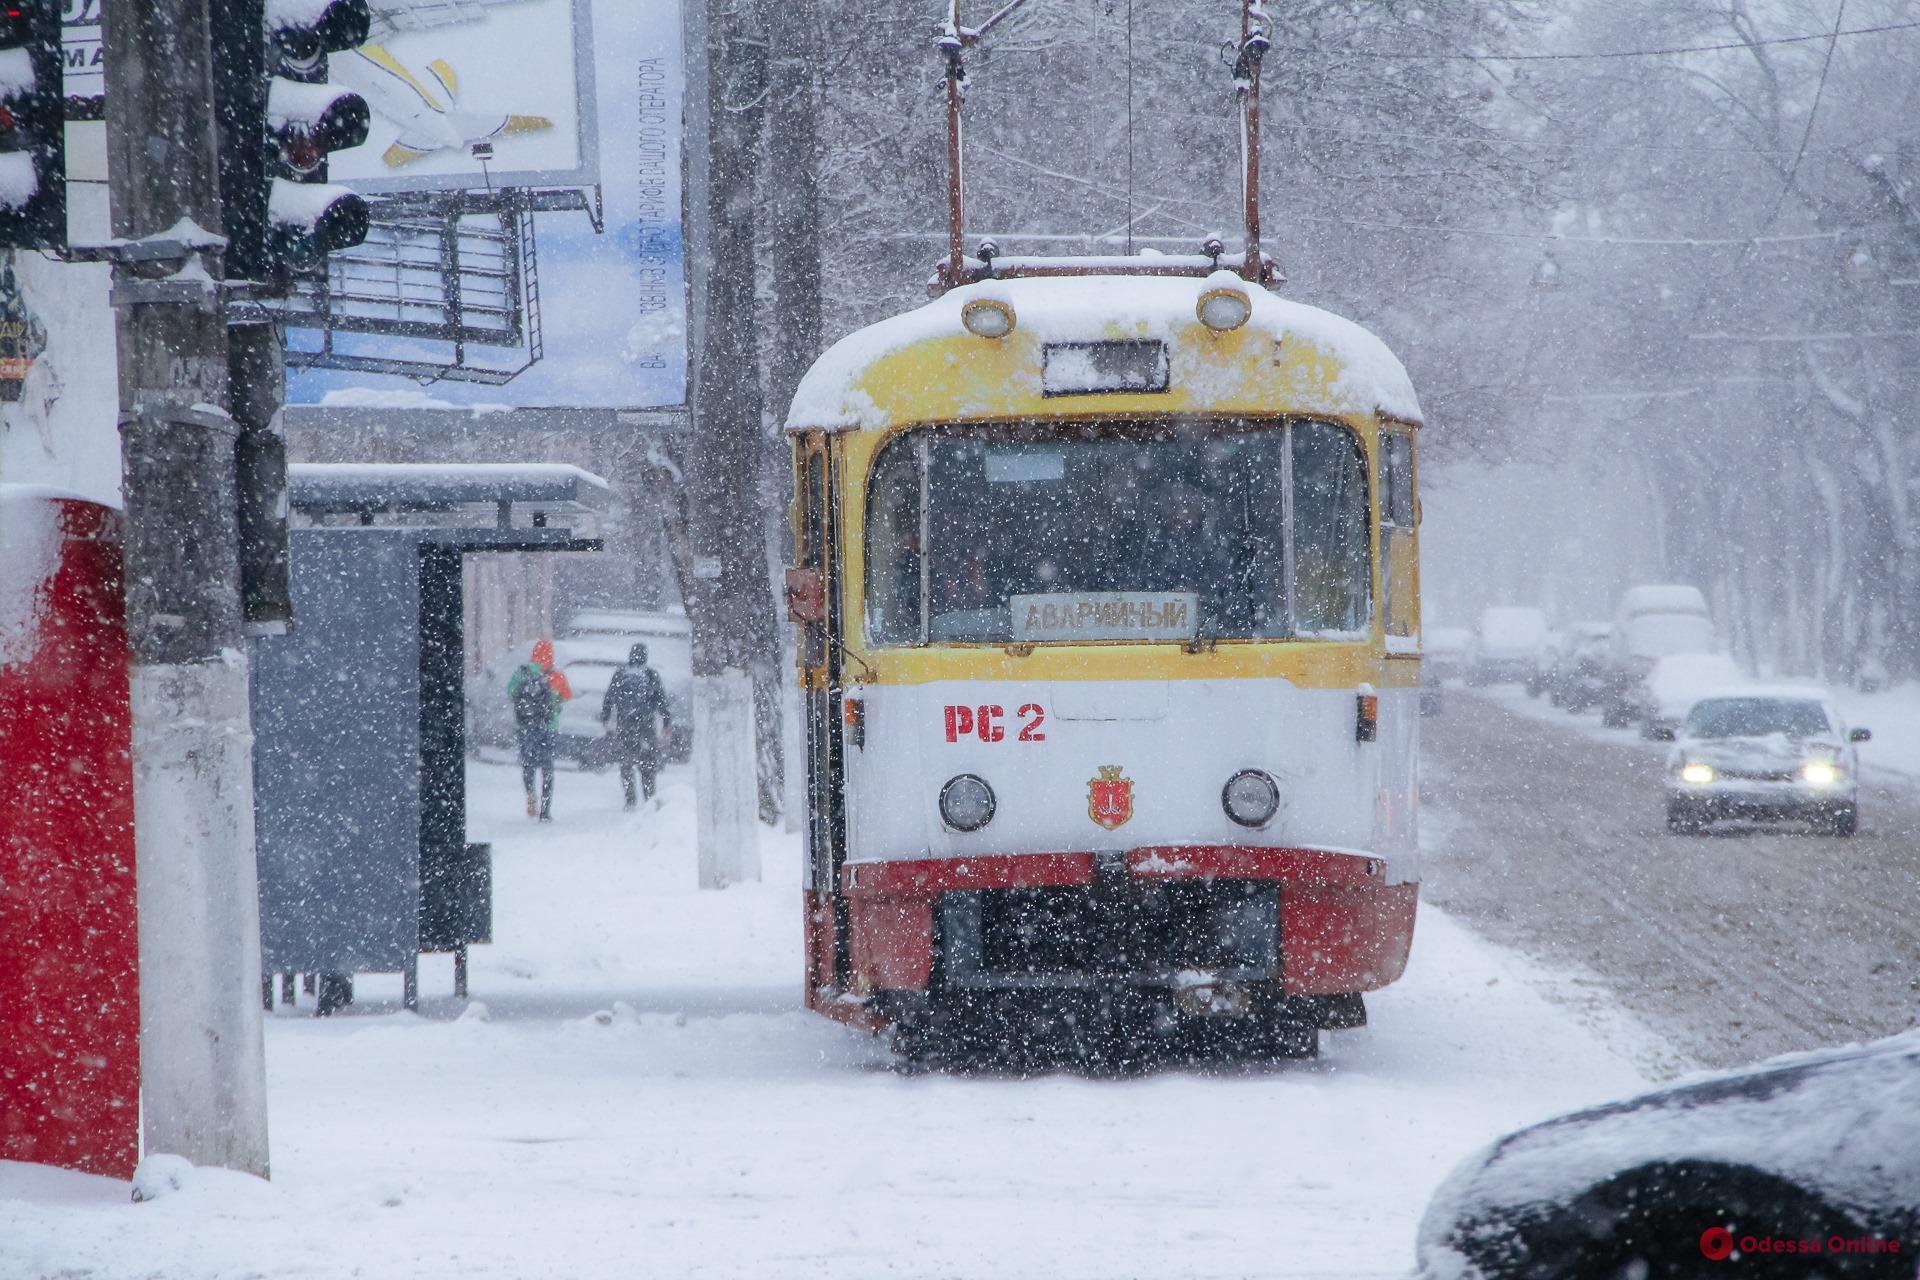 Погода в Одессе 12 февраля: ожидается похолодание, гололедица и сильная метель